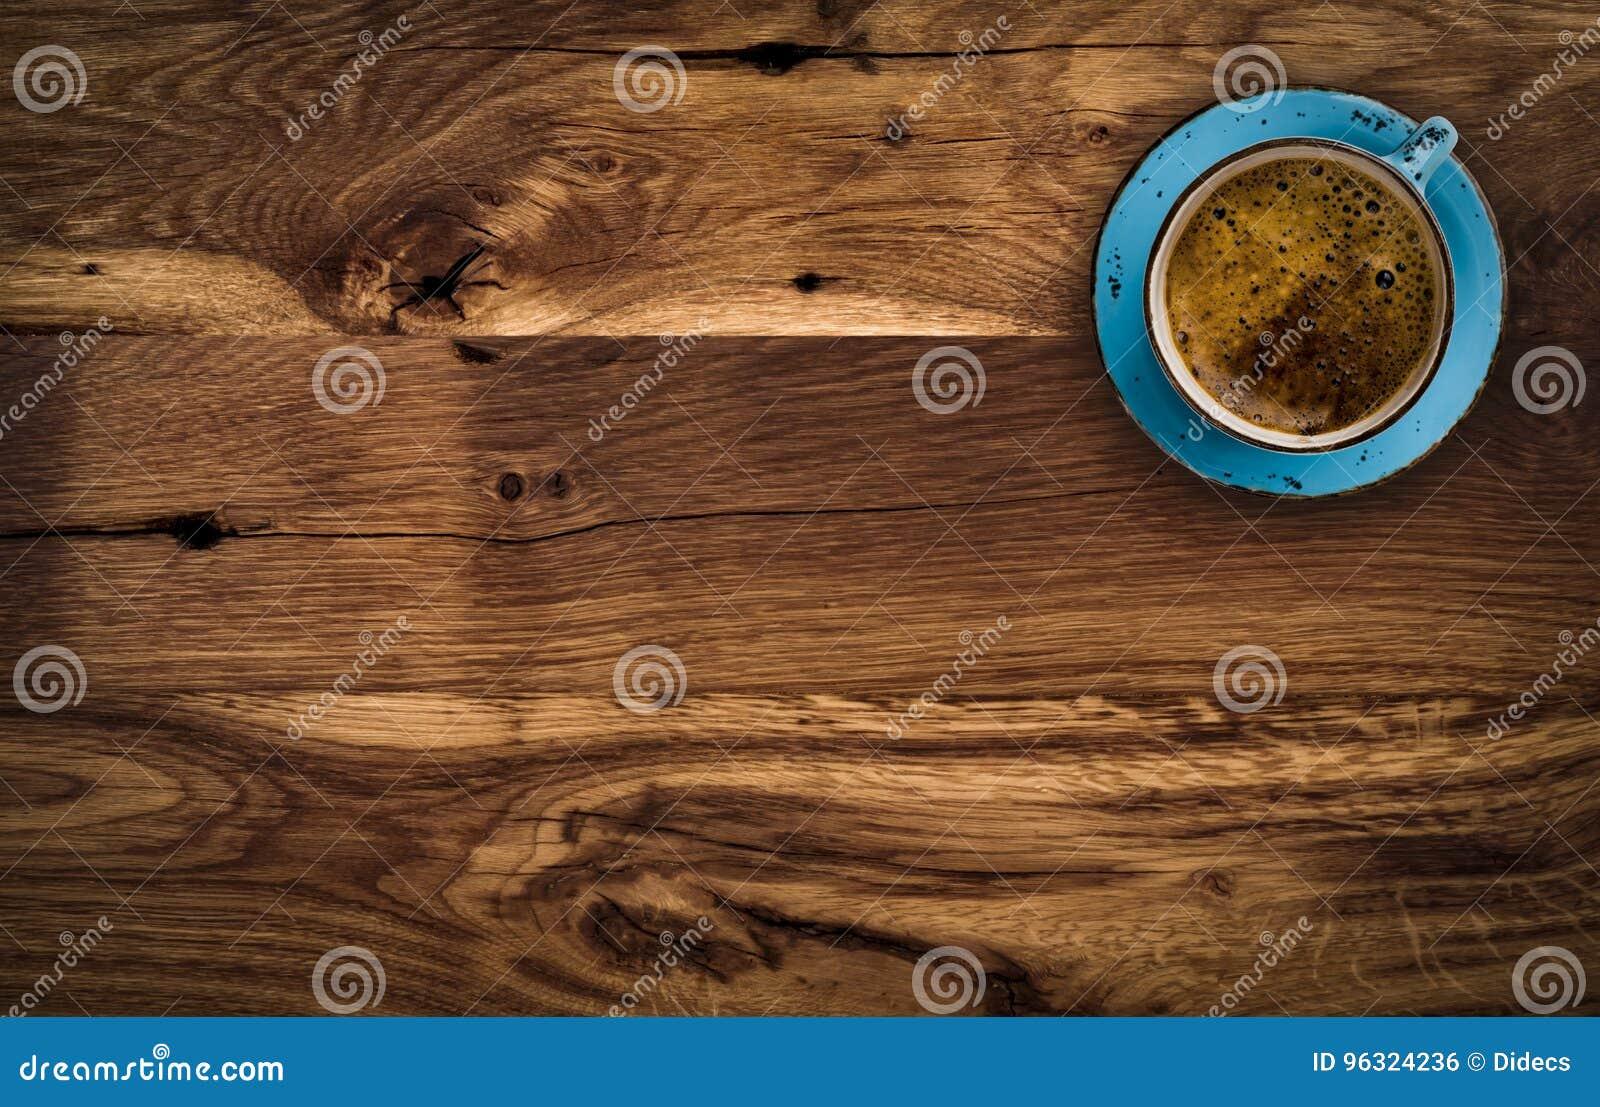 Tasse Kaffee auf dunkelbraunem Holztisch, über Ansicht